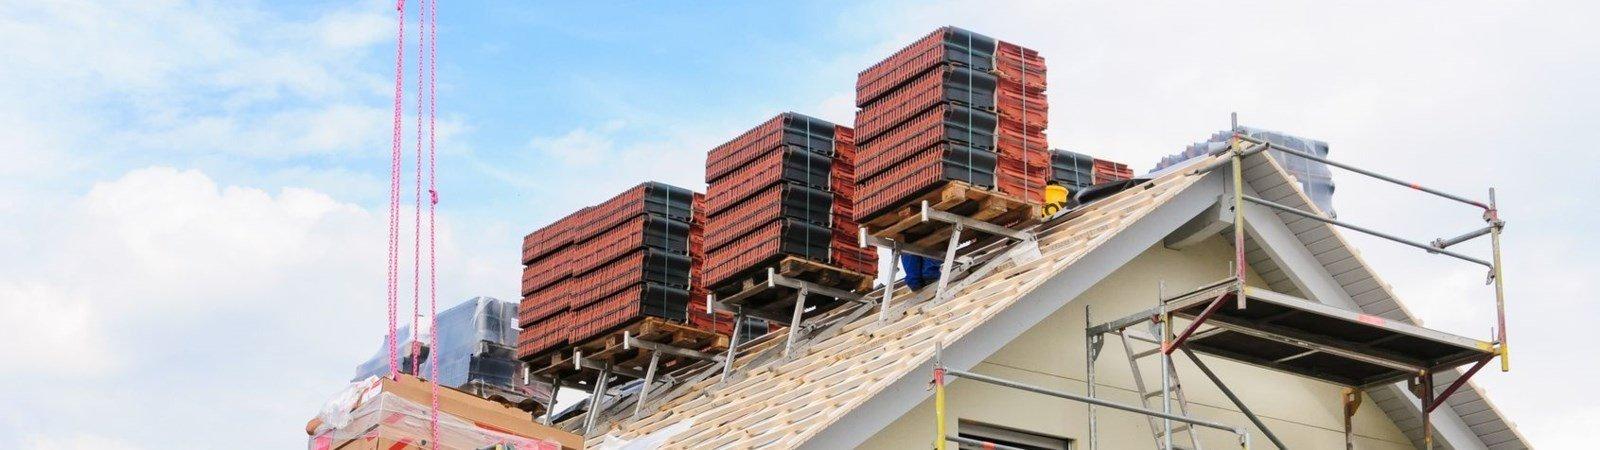 Dacheindeckungen: Verschiedene Materialien, verschiedene Kosten